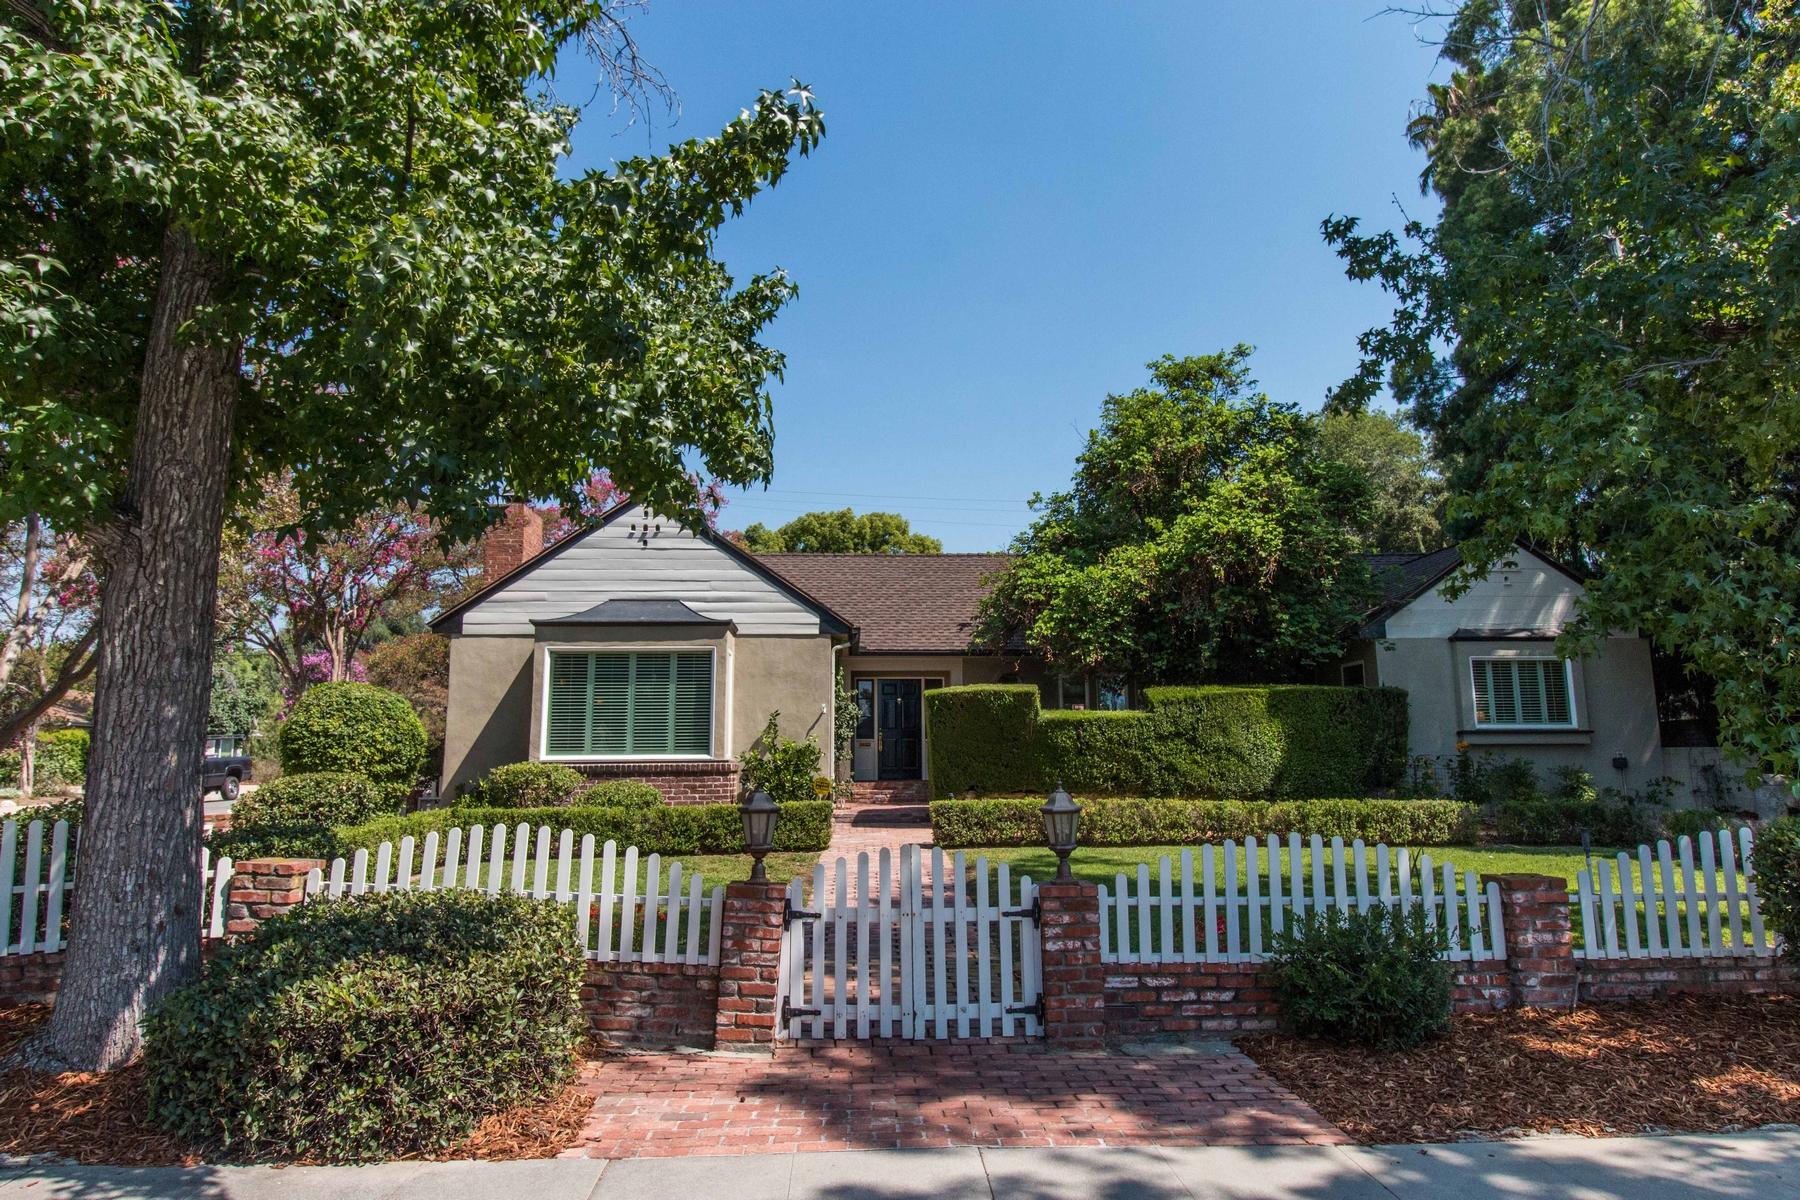 Casa Unifamiliar por un Venta en 645 W. 11th Street, Claremont Claremont, California 91711 Estados Unidos